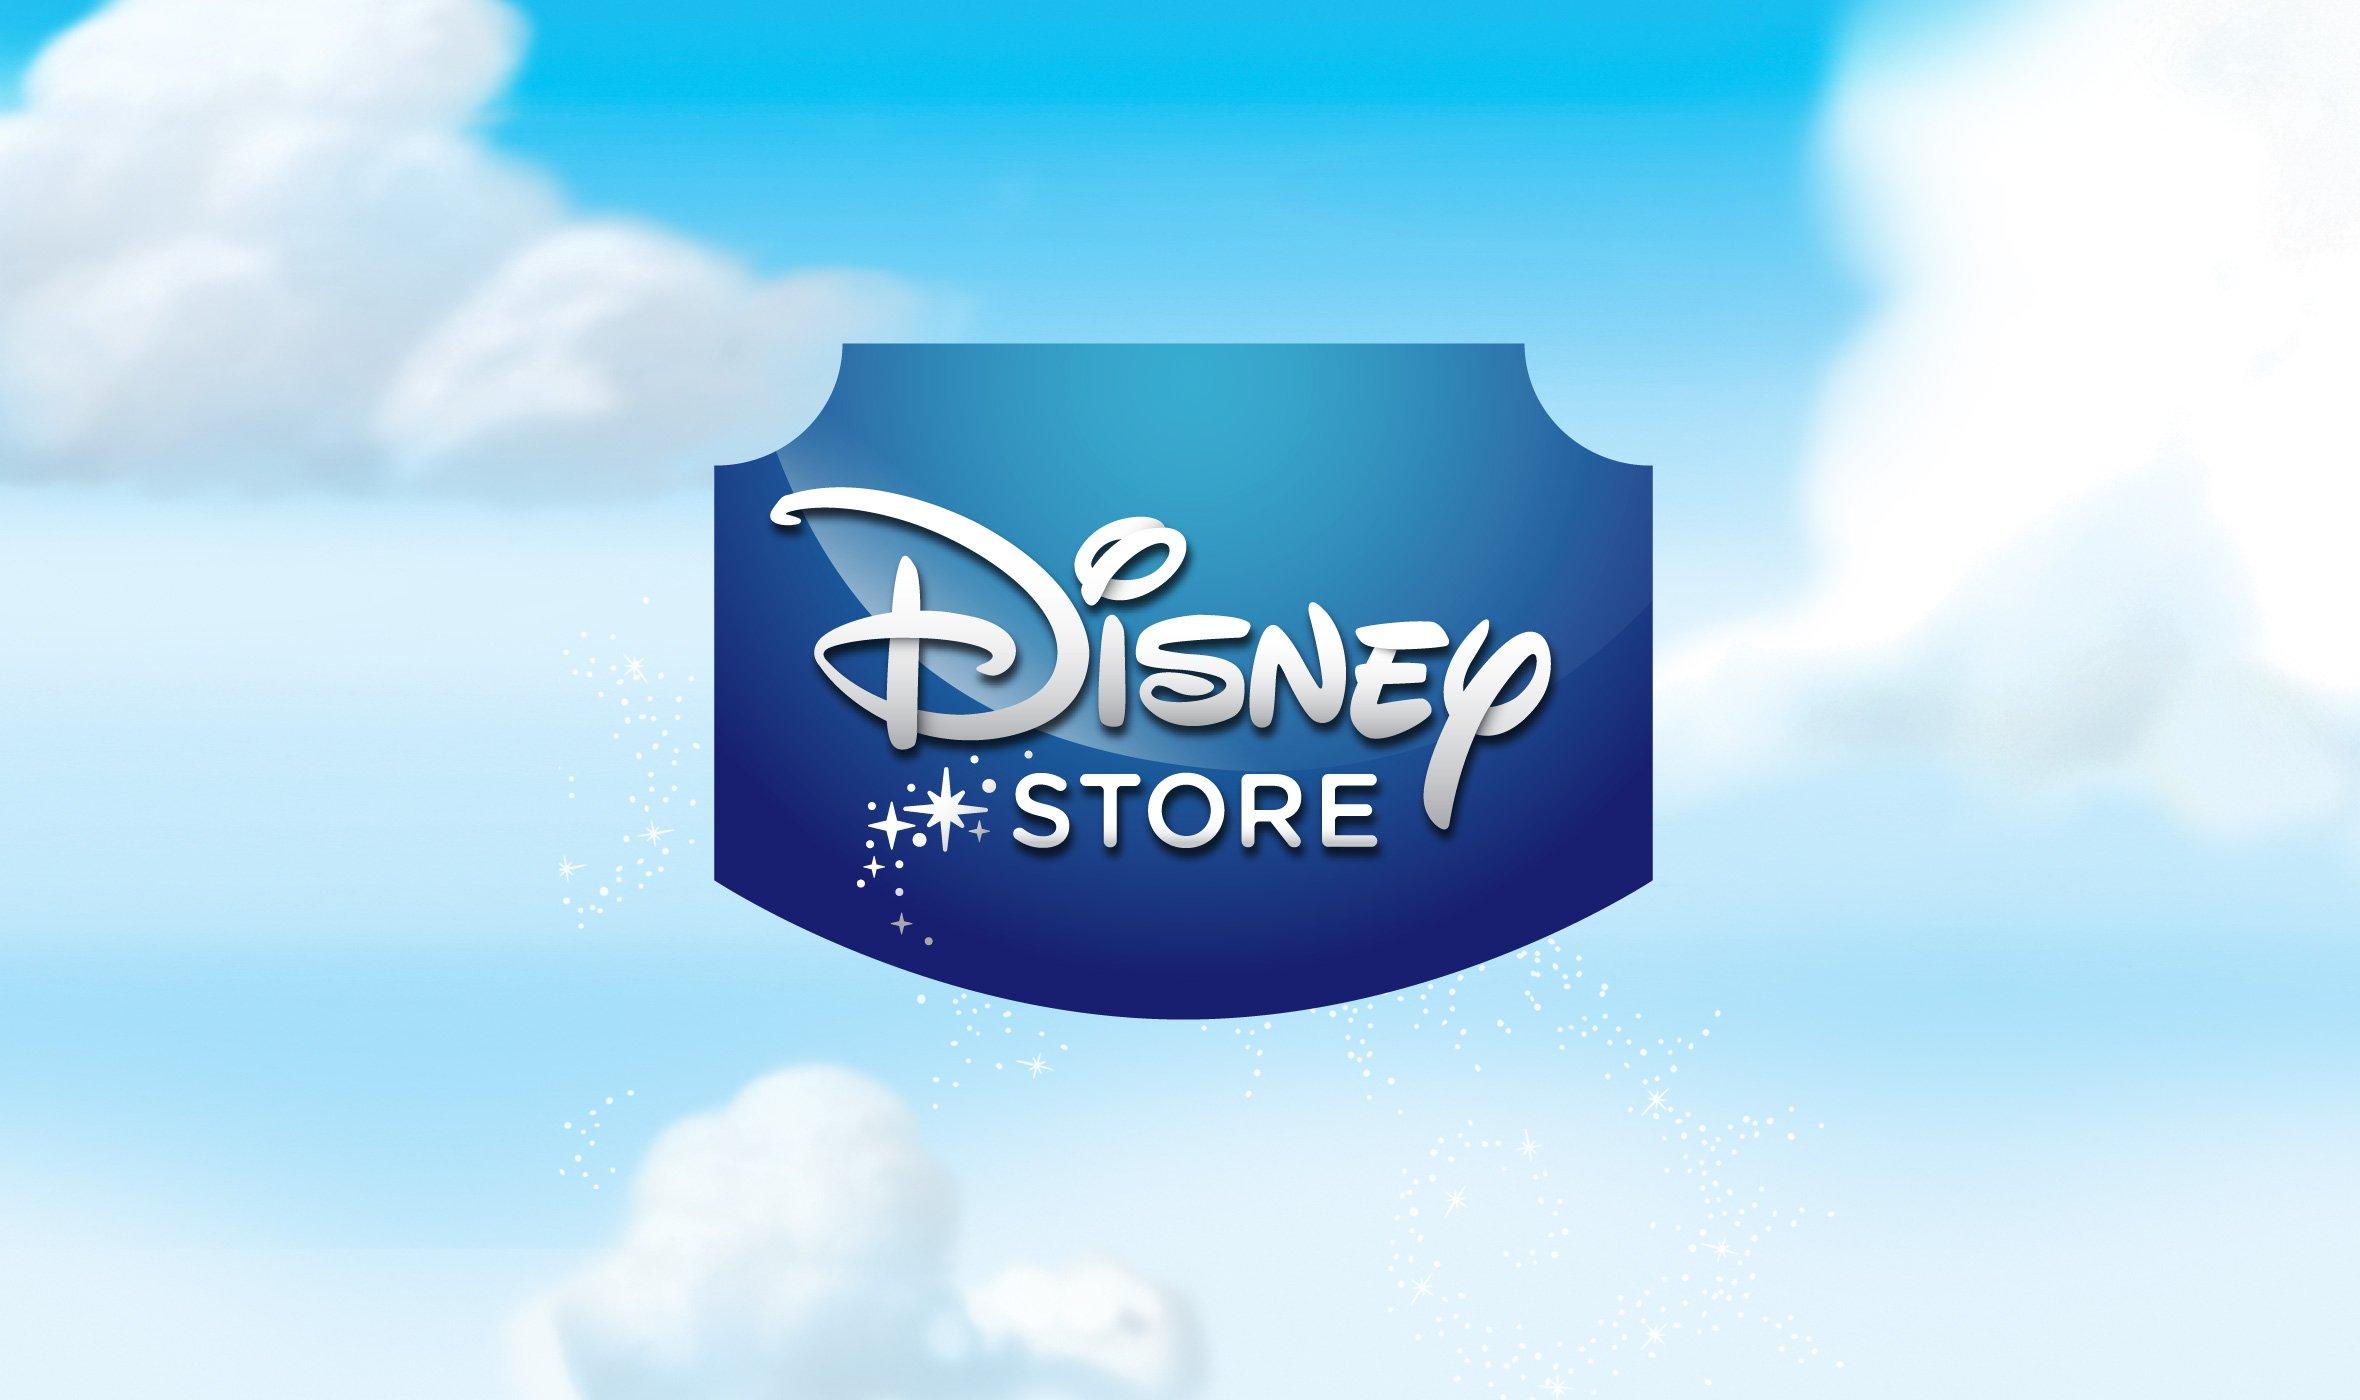 東京迪士尼 Disney Store 折扣碼/介紹/運費教學文 coupon promo code (2020/12/15更新)